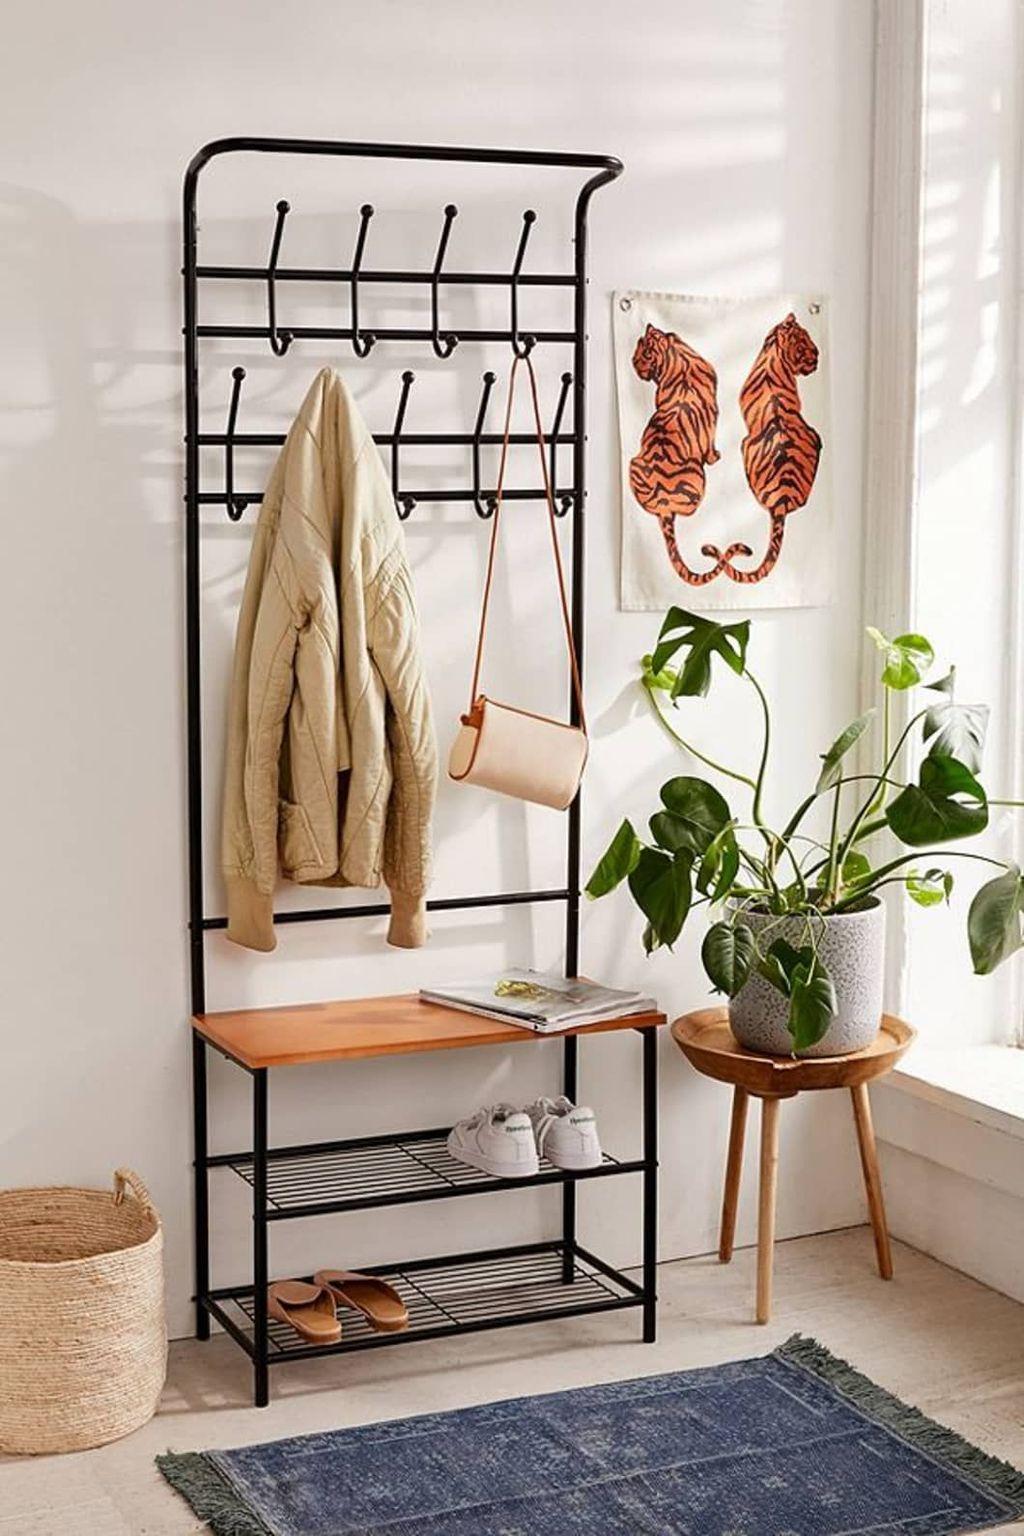 Brilliant Tiny Apartment Decorating Ideas You Should Copy 10